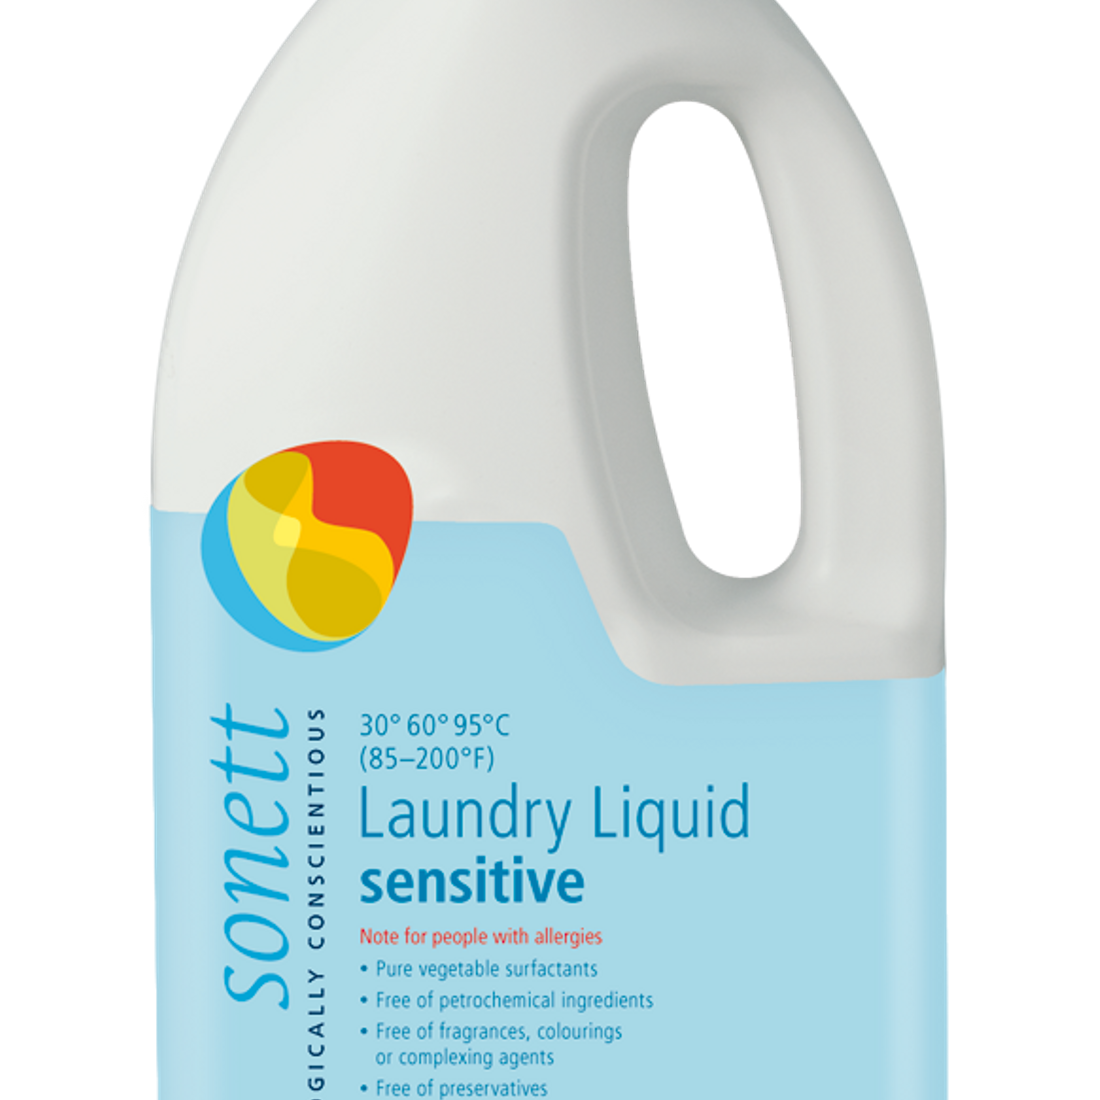 Sonett Eco Sensitive Laundry Liquid 68 fl oz / 2 Litres